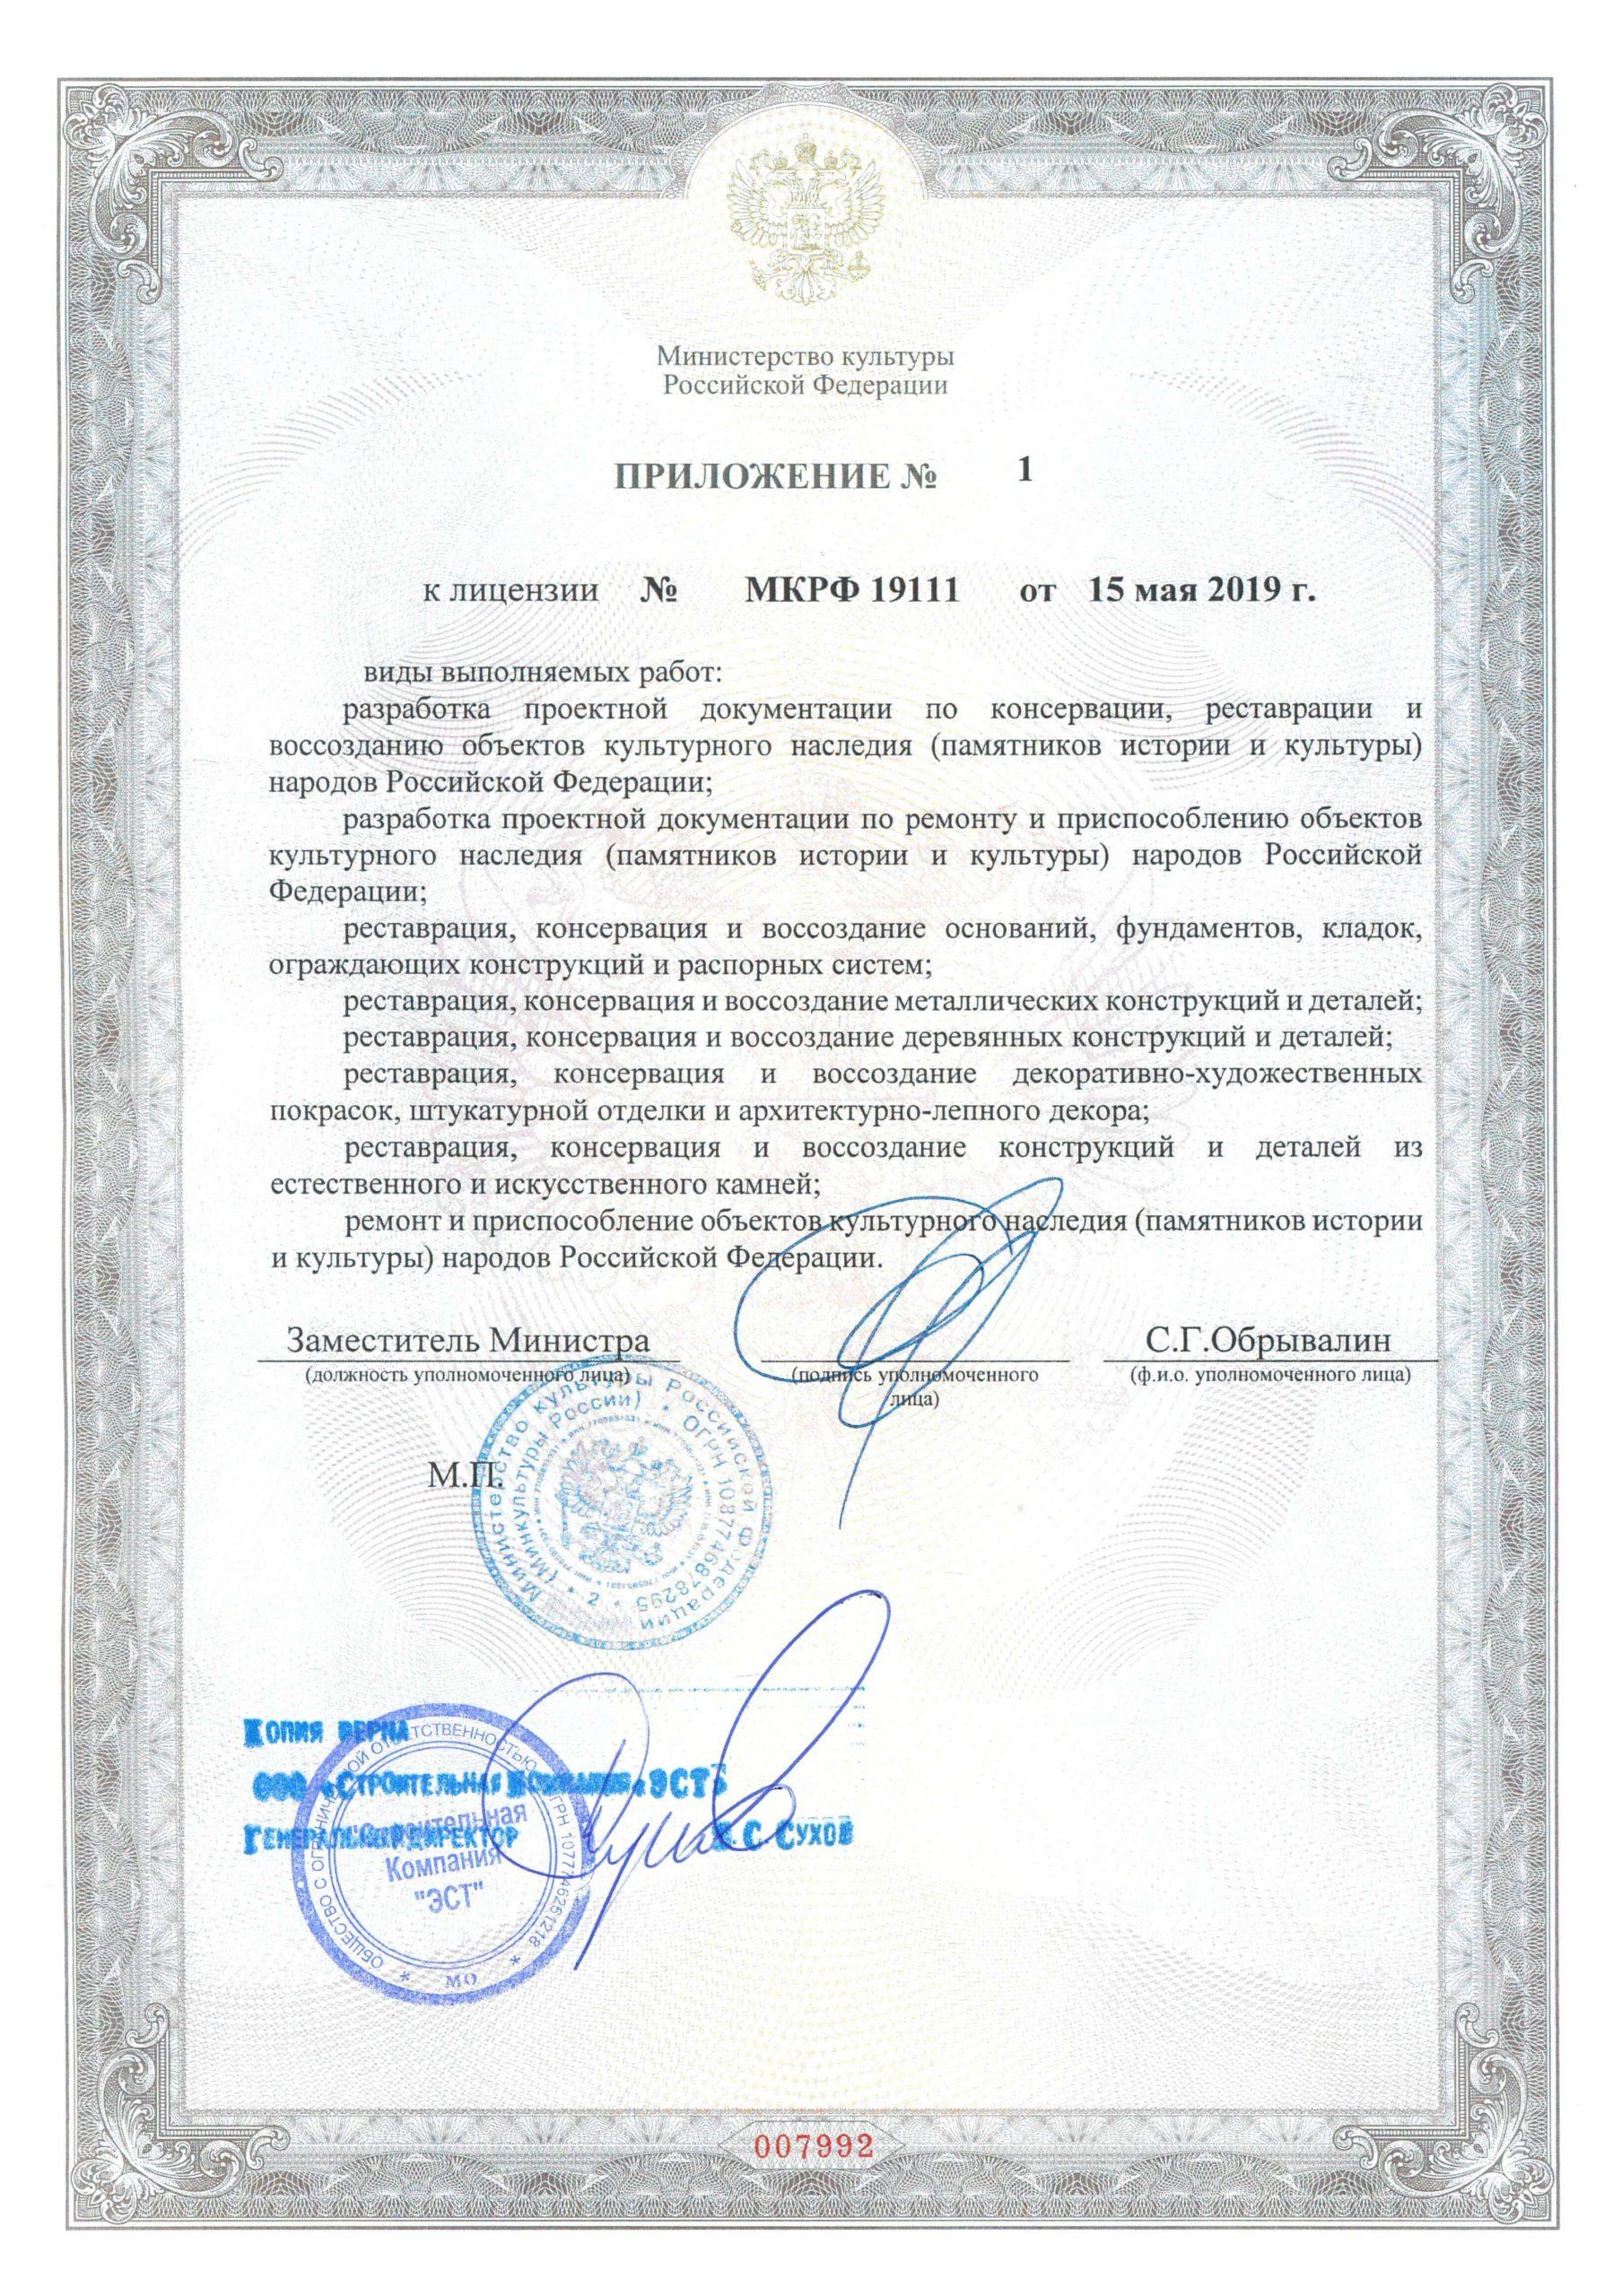 Лицензия Министерства Культуры_Страница_3_Изображение_0001